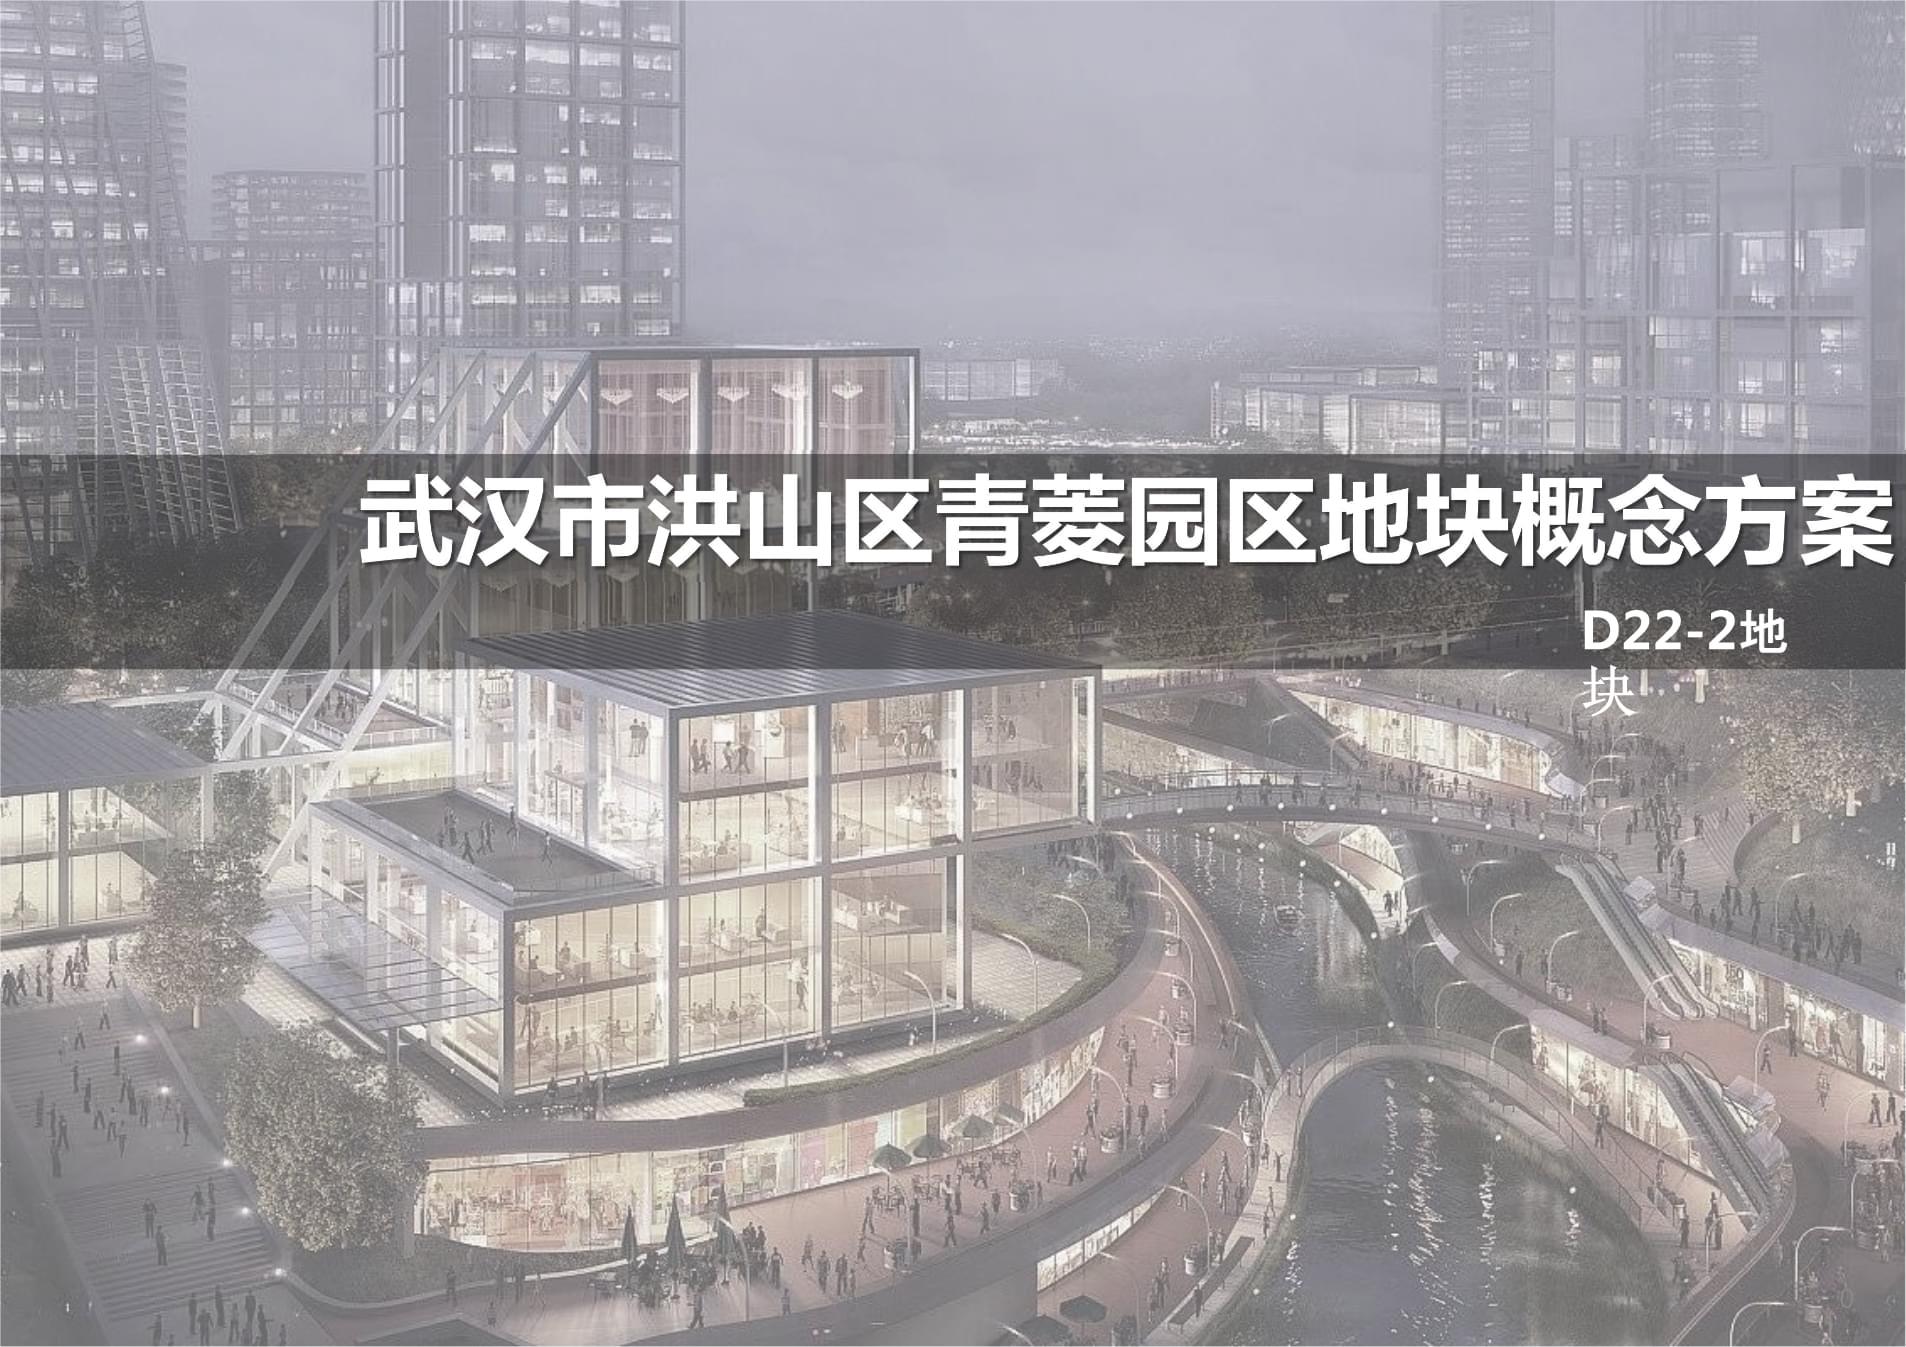 綜合樓項目開發地塊規劃概念方案教學提綱.pptx